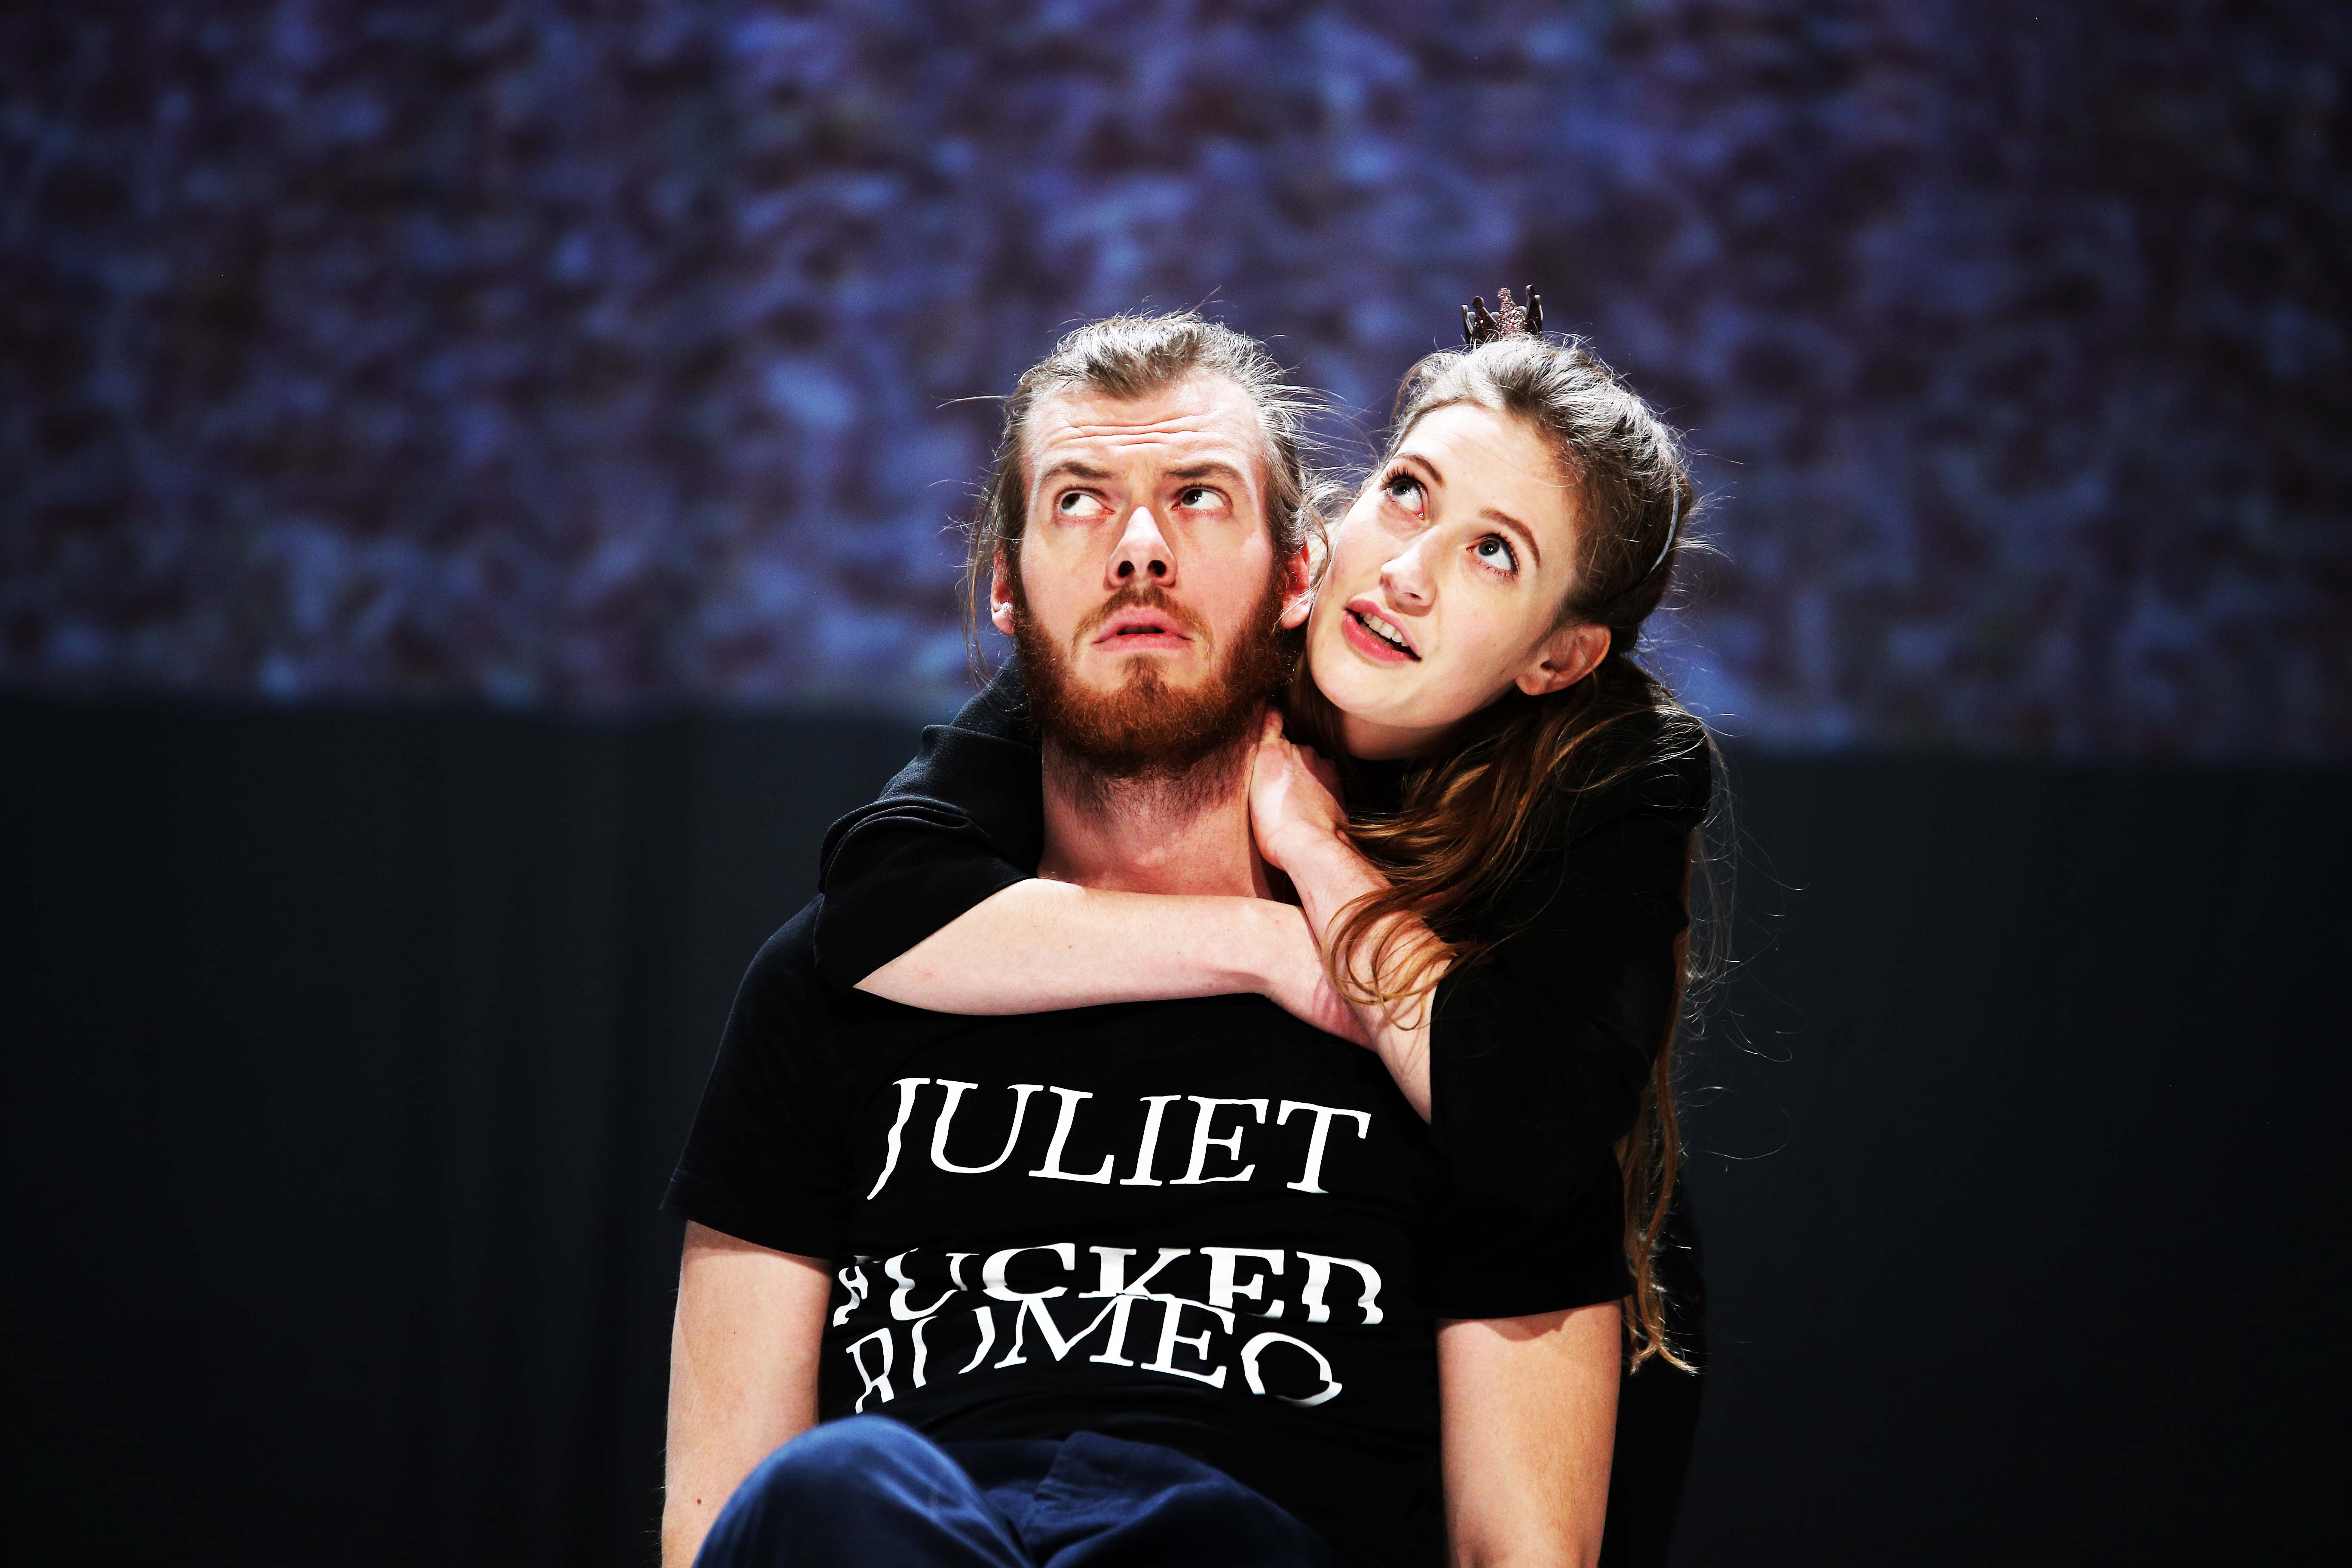 Ein Mann sitzt vor einem dunklen Hintergrund. Er trägt ein T-Shirt auf dem Juliet fucked Romeo steht. Eine Frau umarmt ihn von hinten. Beide gucken erwartungsvoll nach oben.